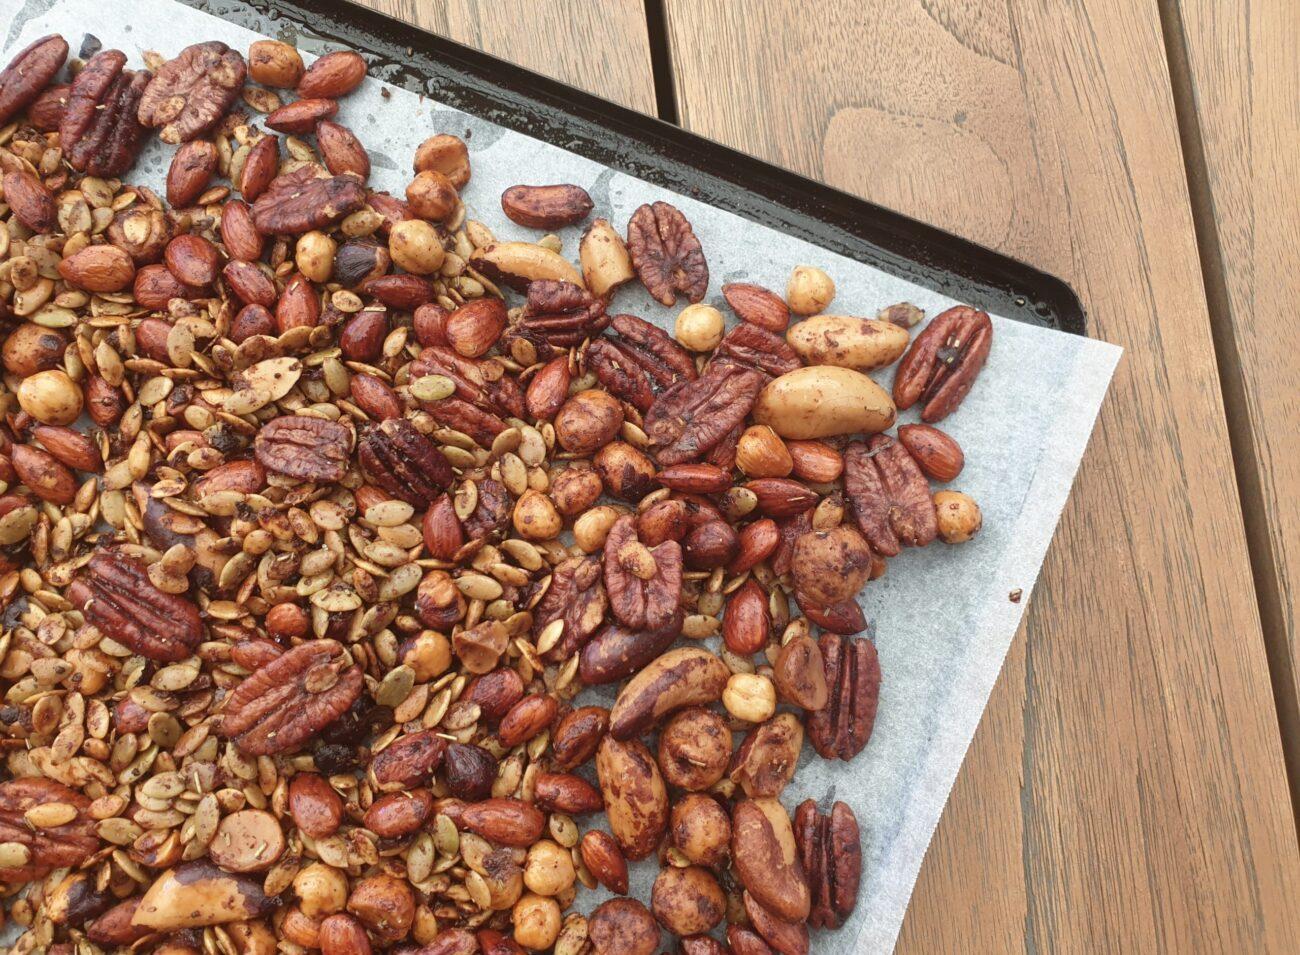 Sugar Free Spiced Nut Mix